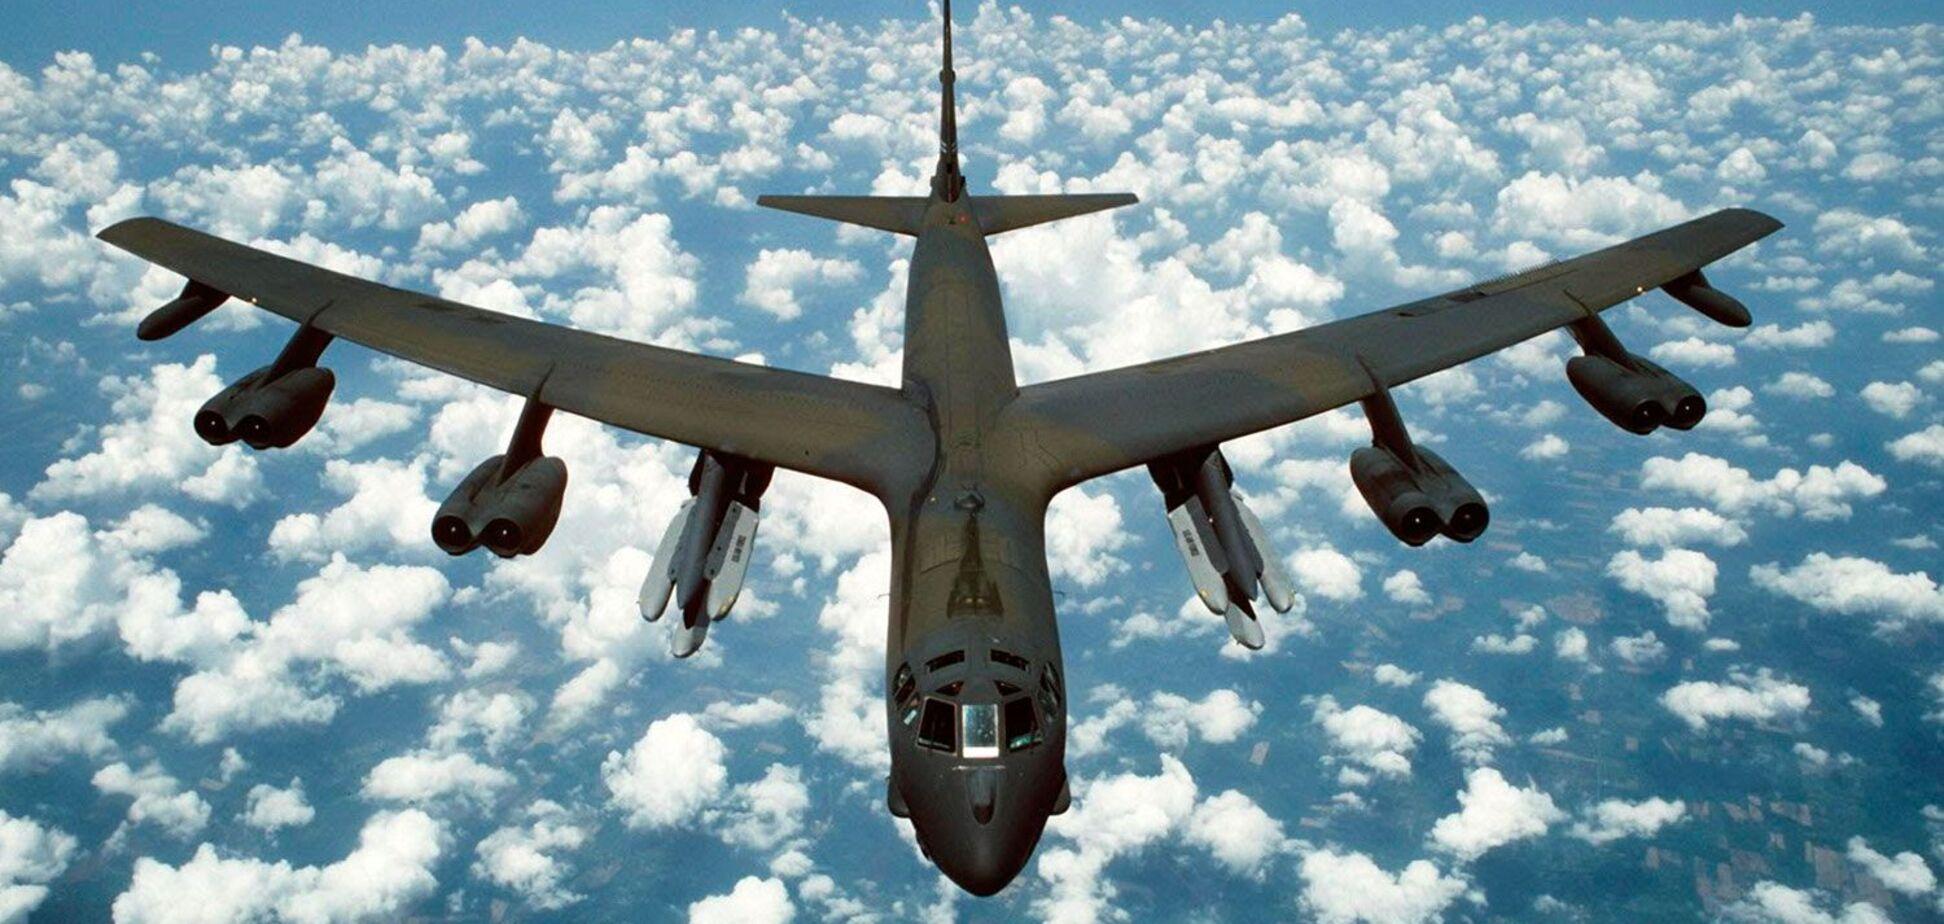 США звинуватили Росію в провокаціях із бойовими літаками в Чорному морі. Відео інциденту